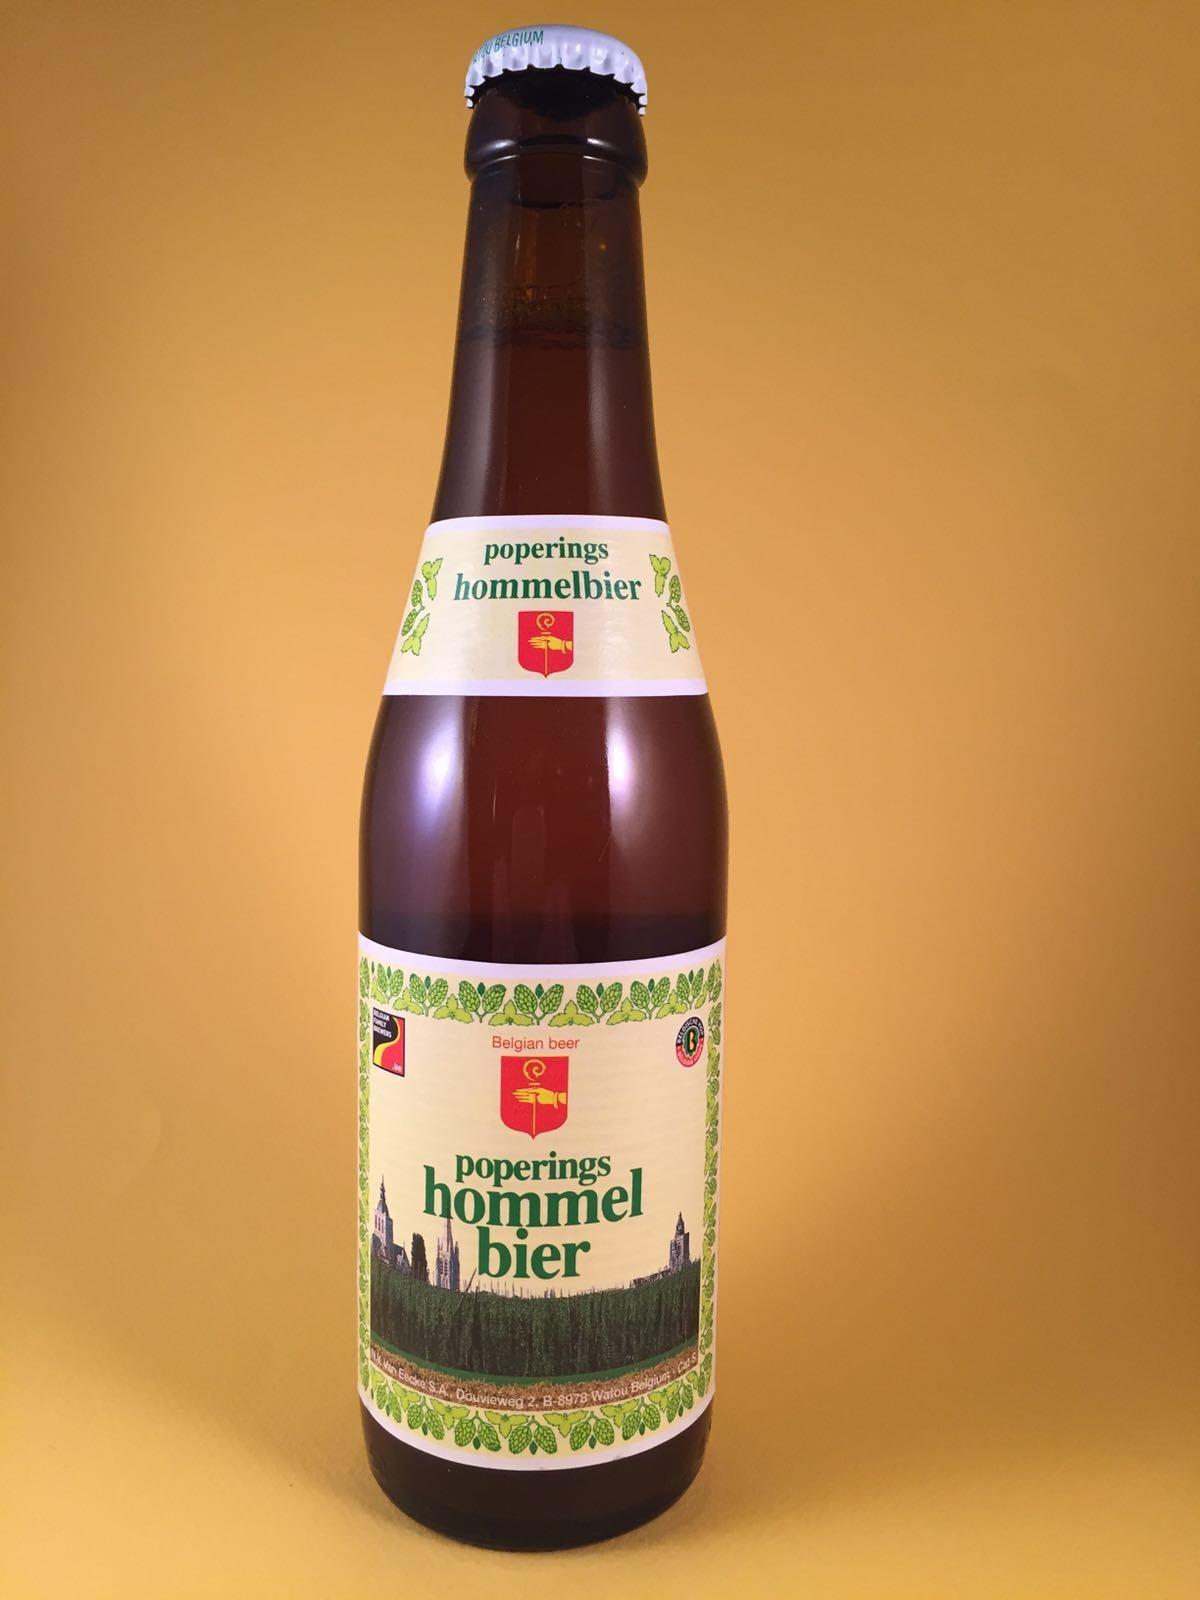 Poperings Hommel Bier Herkomst: Watou, België De brouwerij is na de 1e wereldoorlog weer opnieuw gebouwd nadat het volledig was plat gebombardeerd. Goudkleurig dorstlessend bier met een verfrissende honigzachte afdronk. Lekker hoppig met tonen van komijnzaad. De hop zorgt echter nooit voor een droge mond. Het bier bevat een alcoholpercentage van 7,5%. Serveeradvies: 7 graden